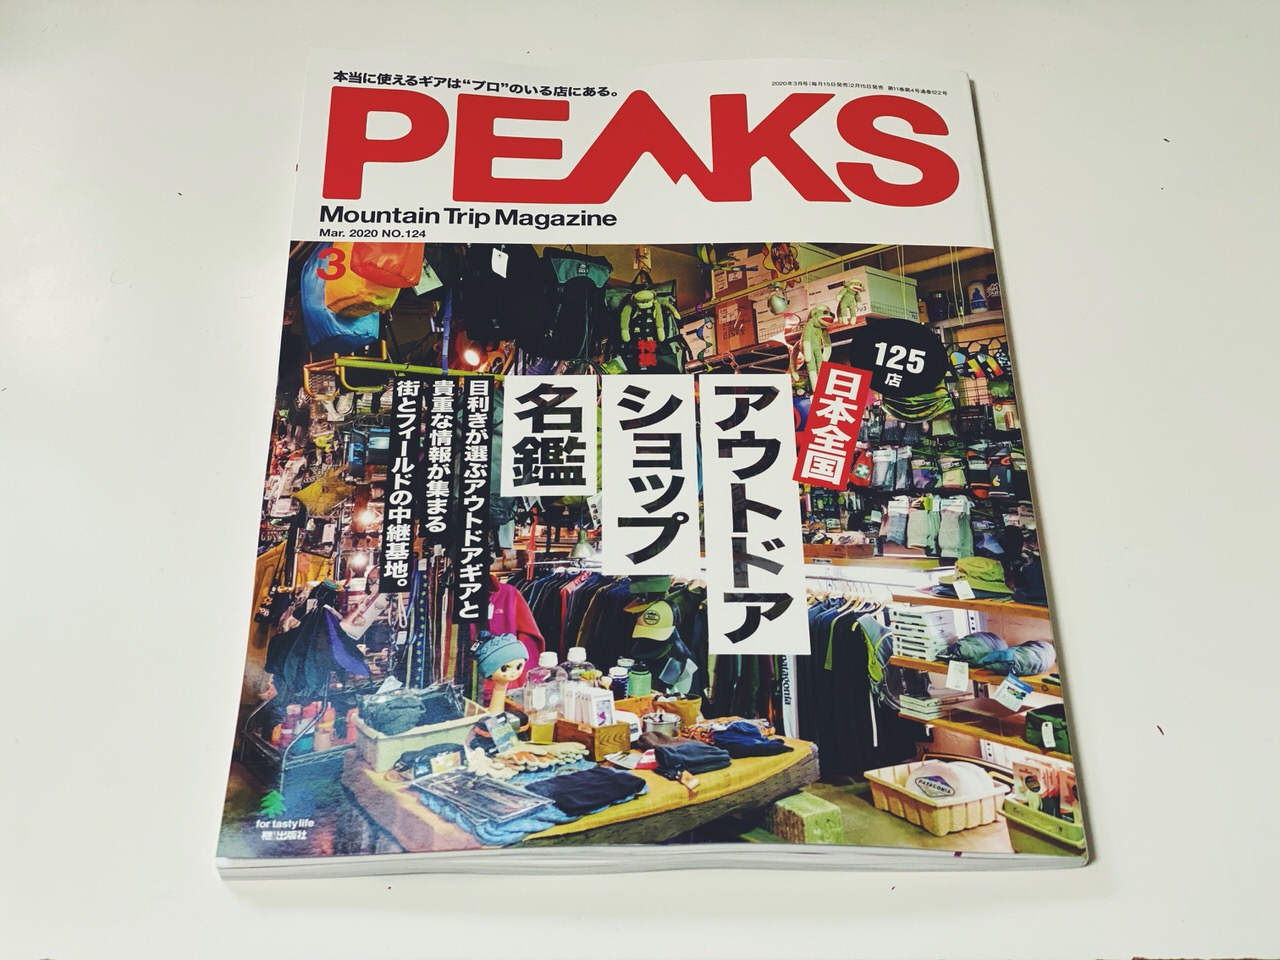 日本全国のアウトドアショップ125店舗を収録「PEAKS  2020年3月号」ヤフー宮坂元社長はバックカントリースノーボーダーだった #提供